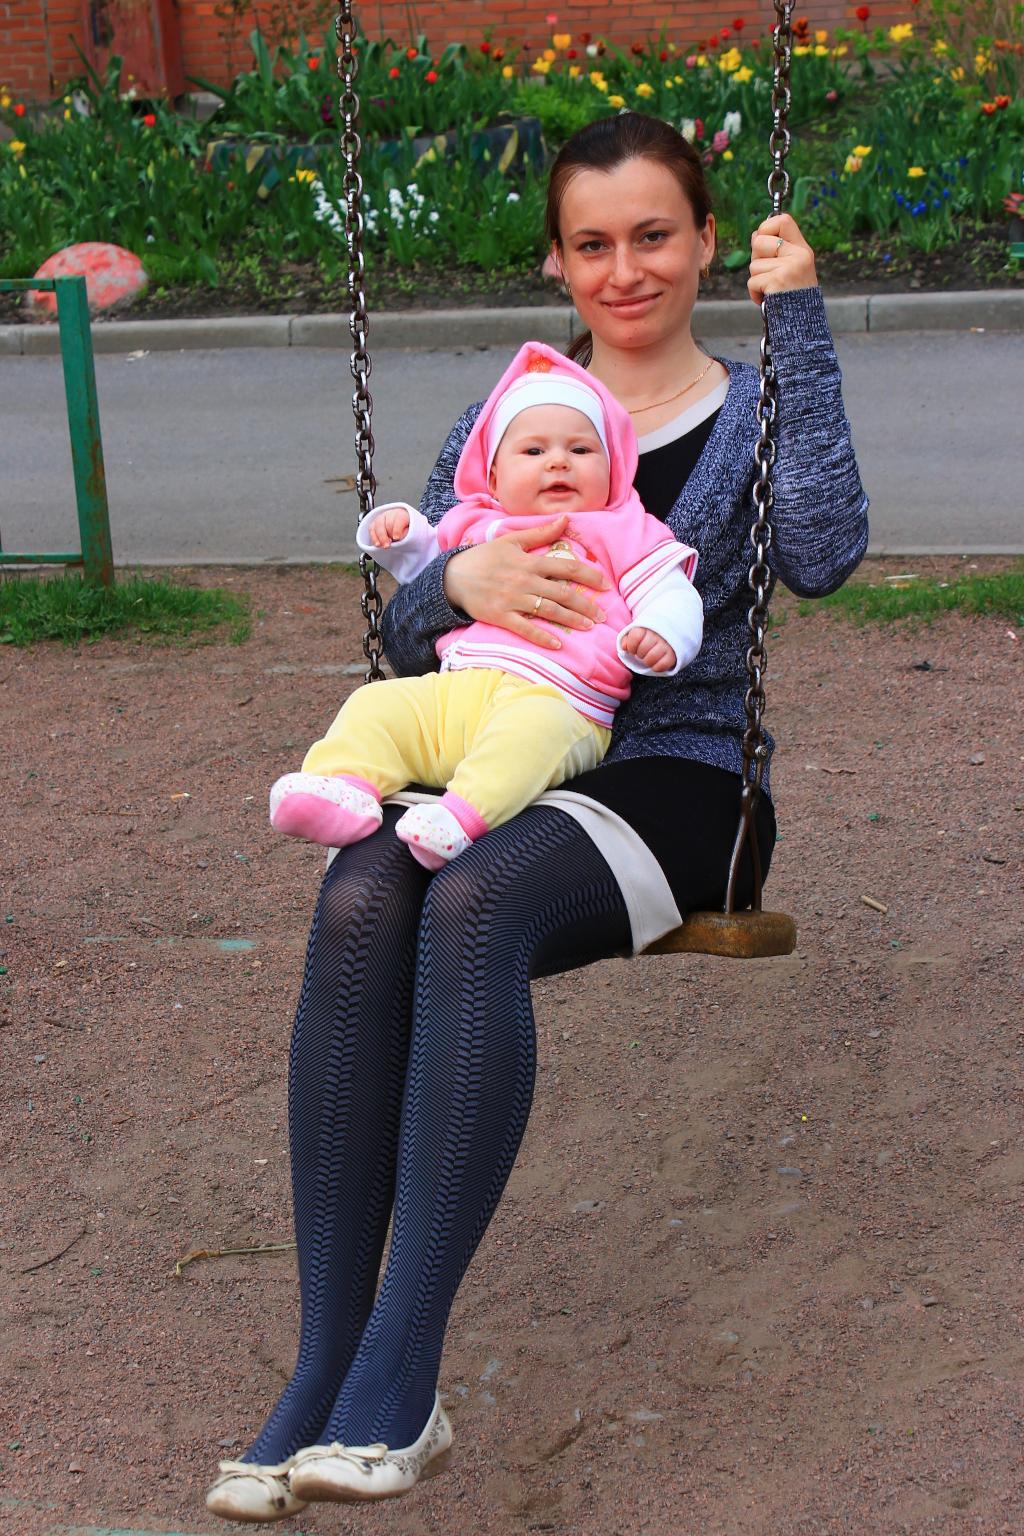 Мама с дочкой катаются на качелях. Играем вместе!